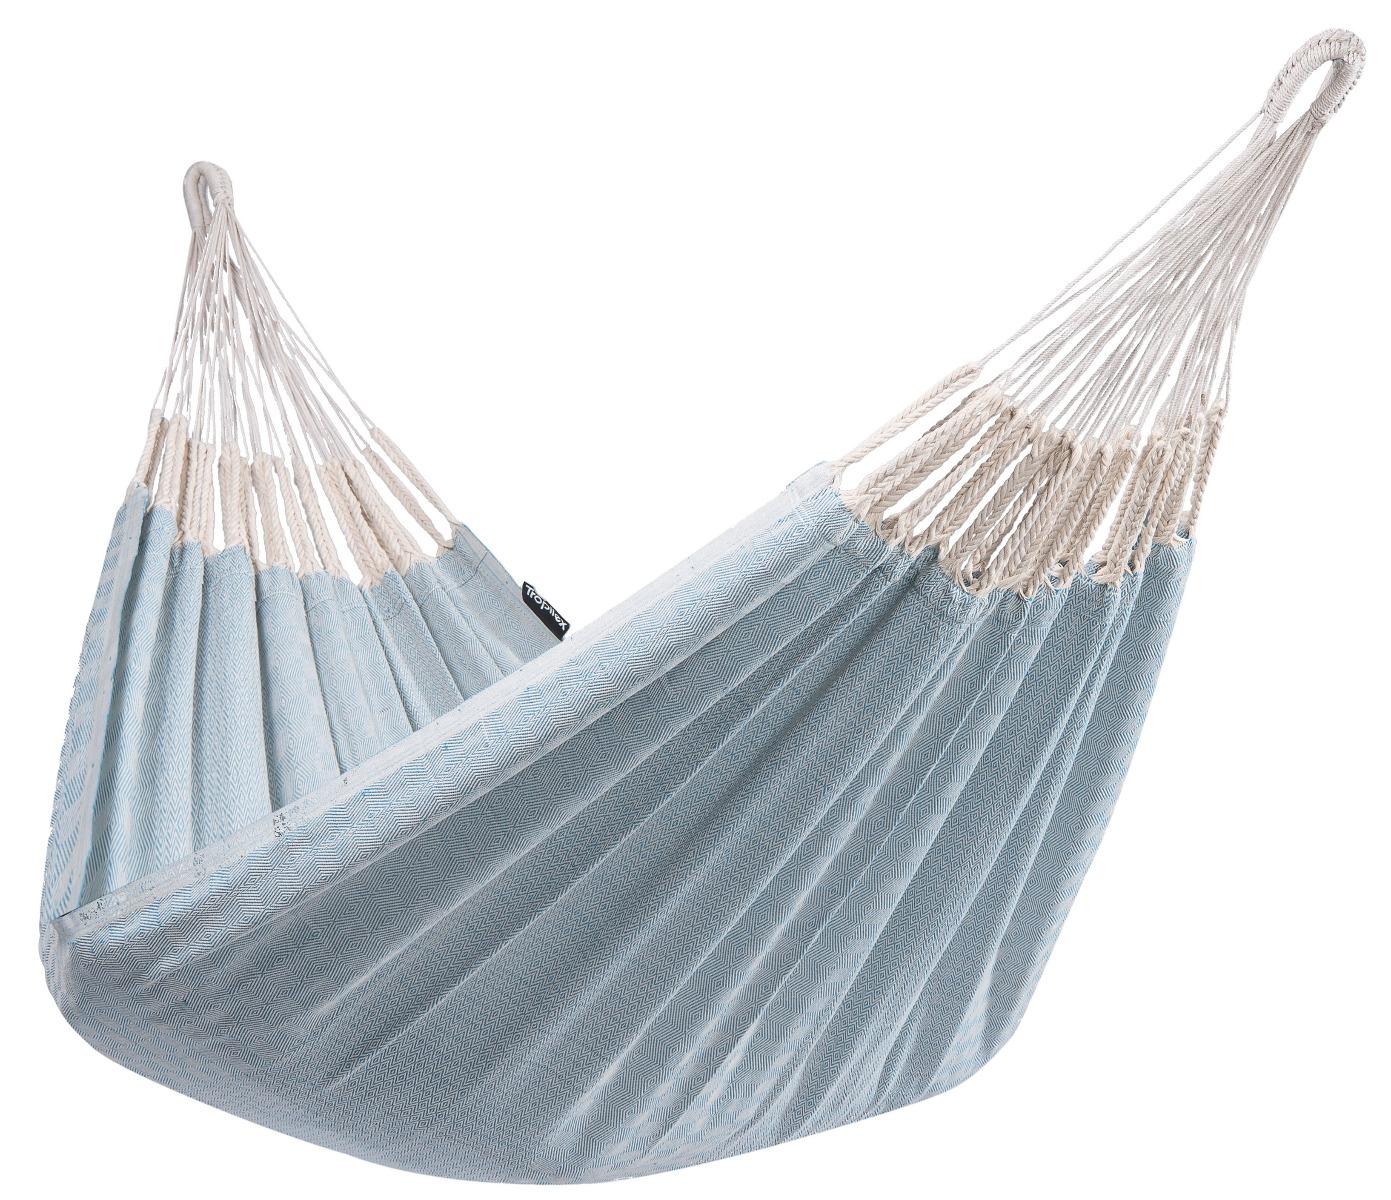 'Natural' Blue E�npersoons Hangmat - Blauw - Tropilex �